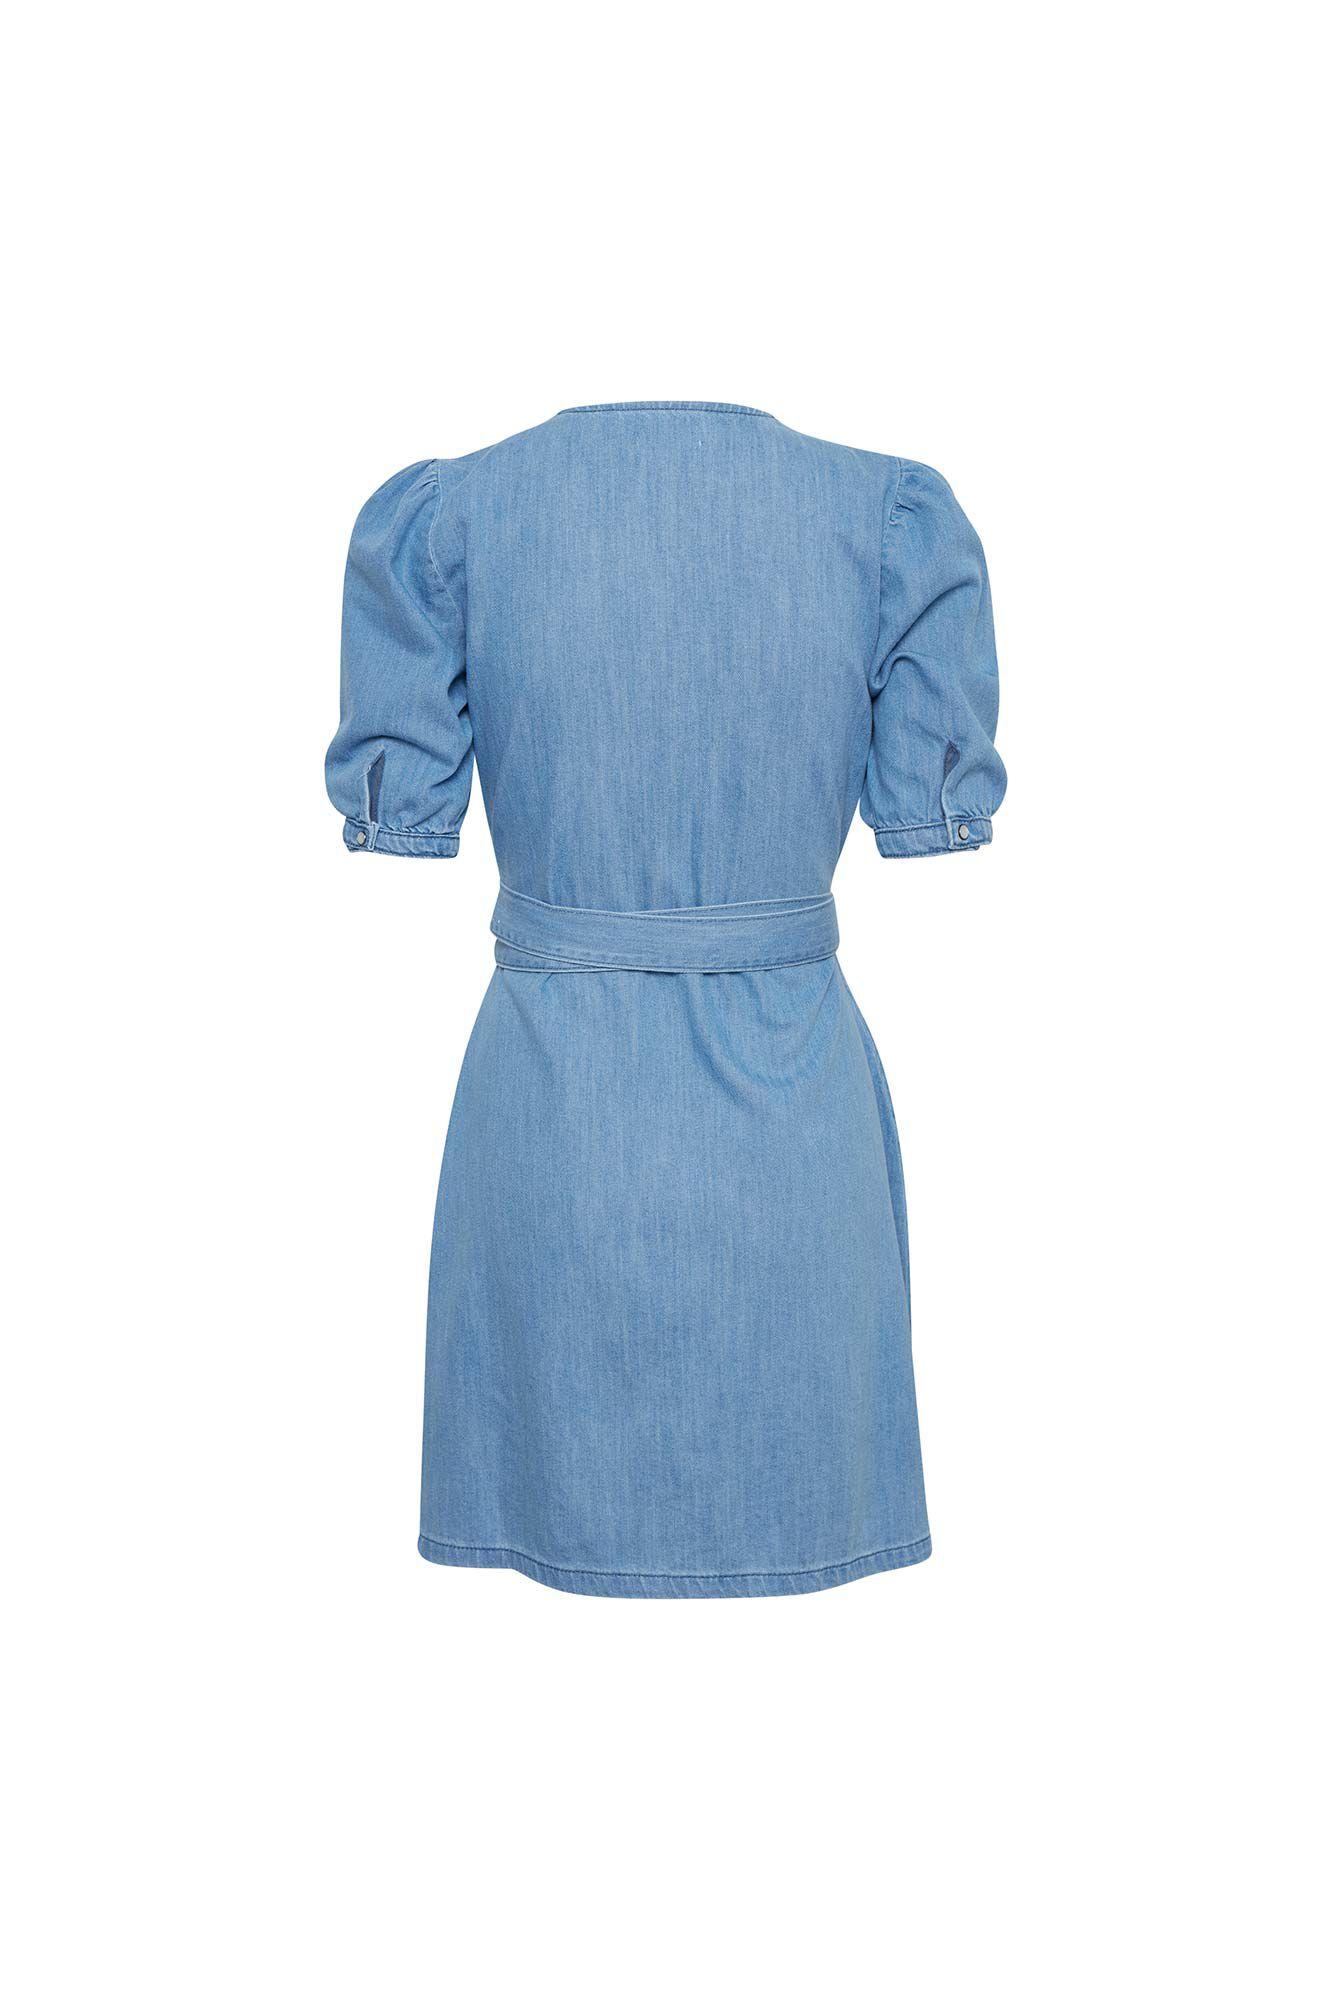 Mabelle Dress 10903273, LIGHT BLUE DENIM